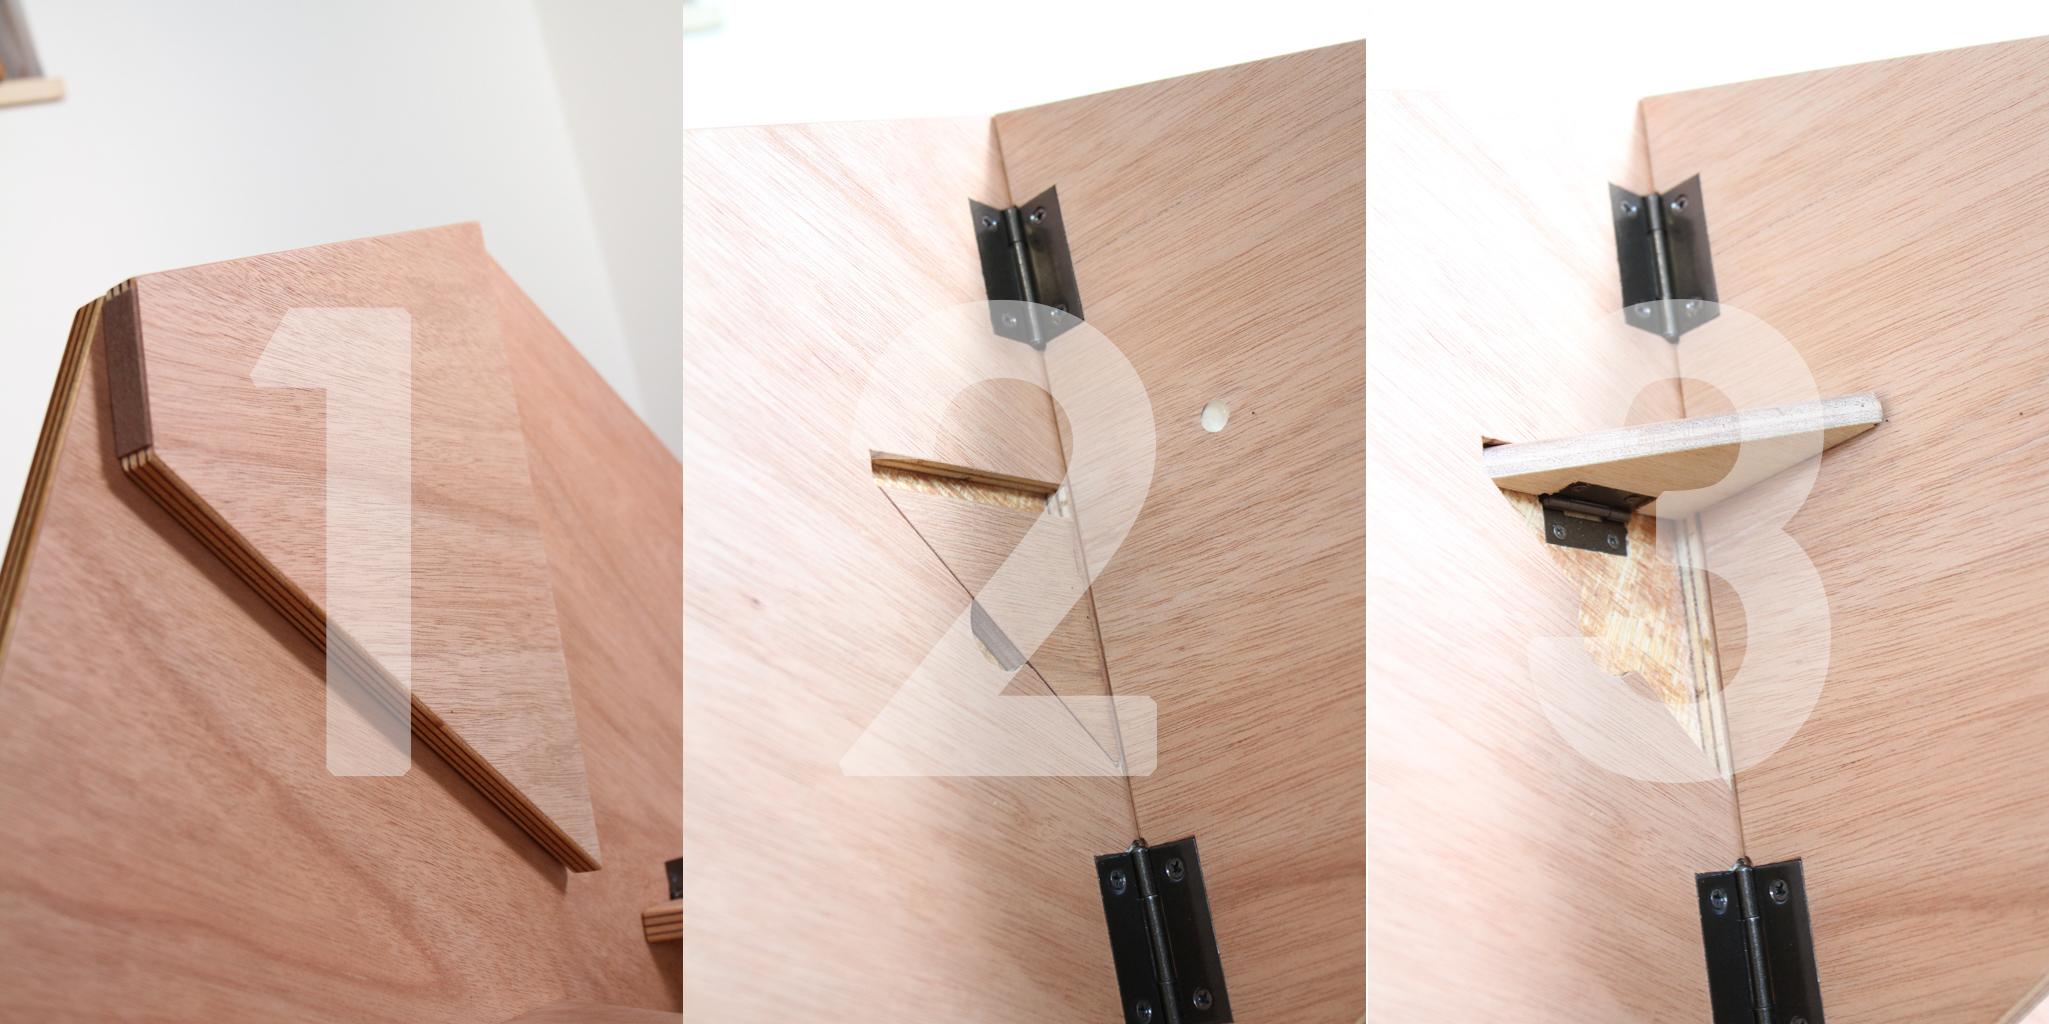 埼玉県所沢市の木のおもちゃとオーダー家具の制作をしている家具工房okaikosanの子どもの折りたたみのちゃぶ台の折りたたみの構造の画像